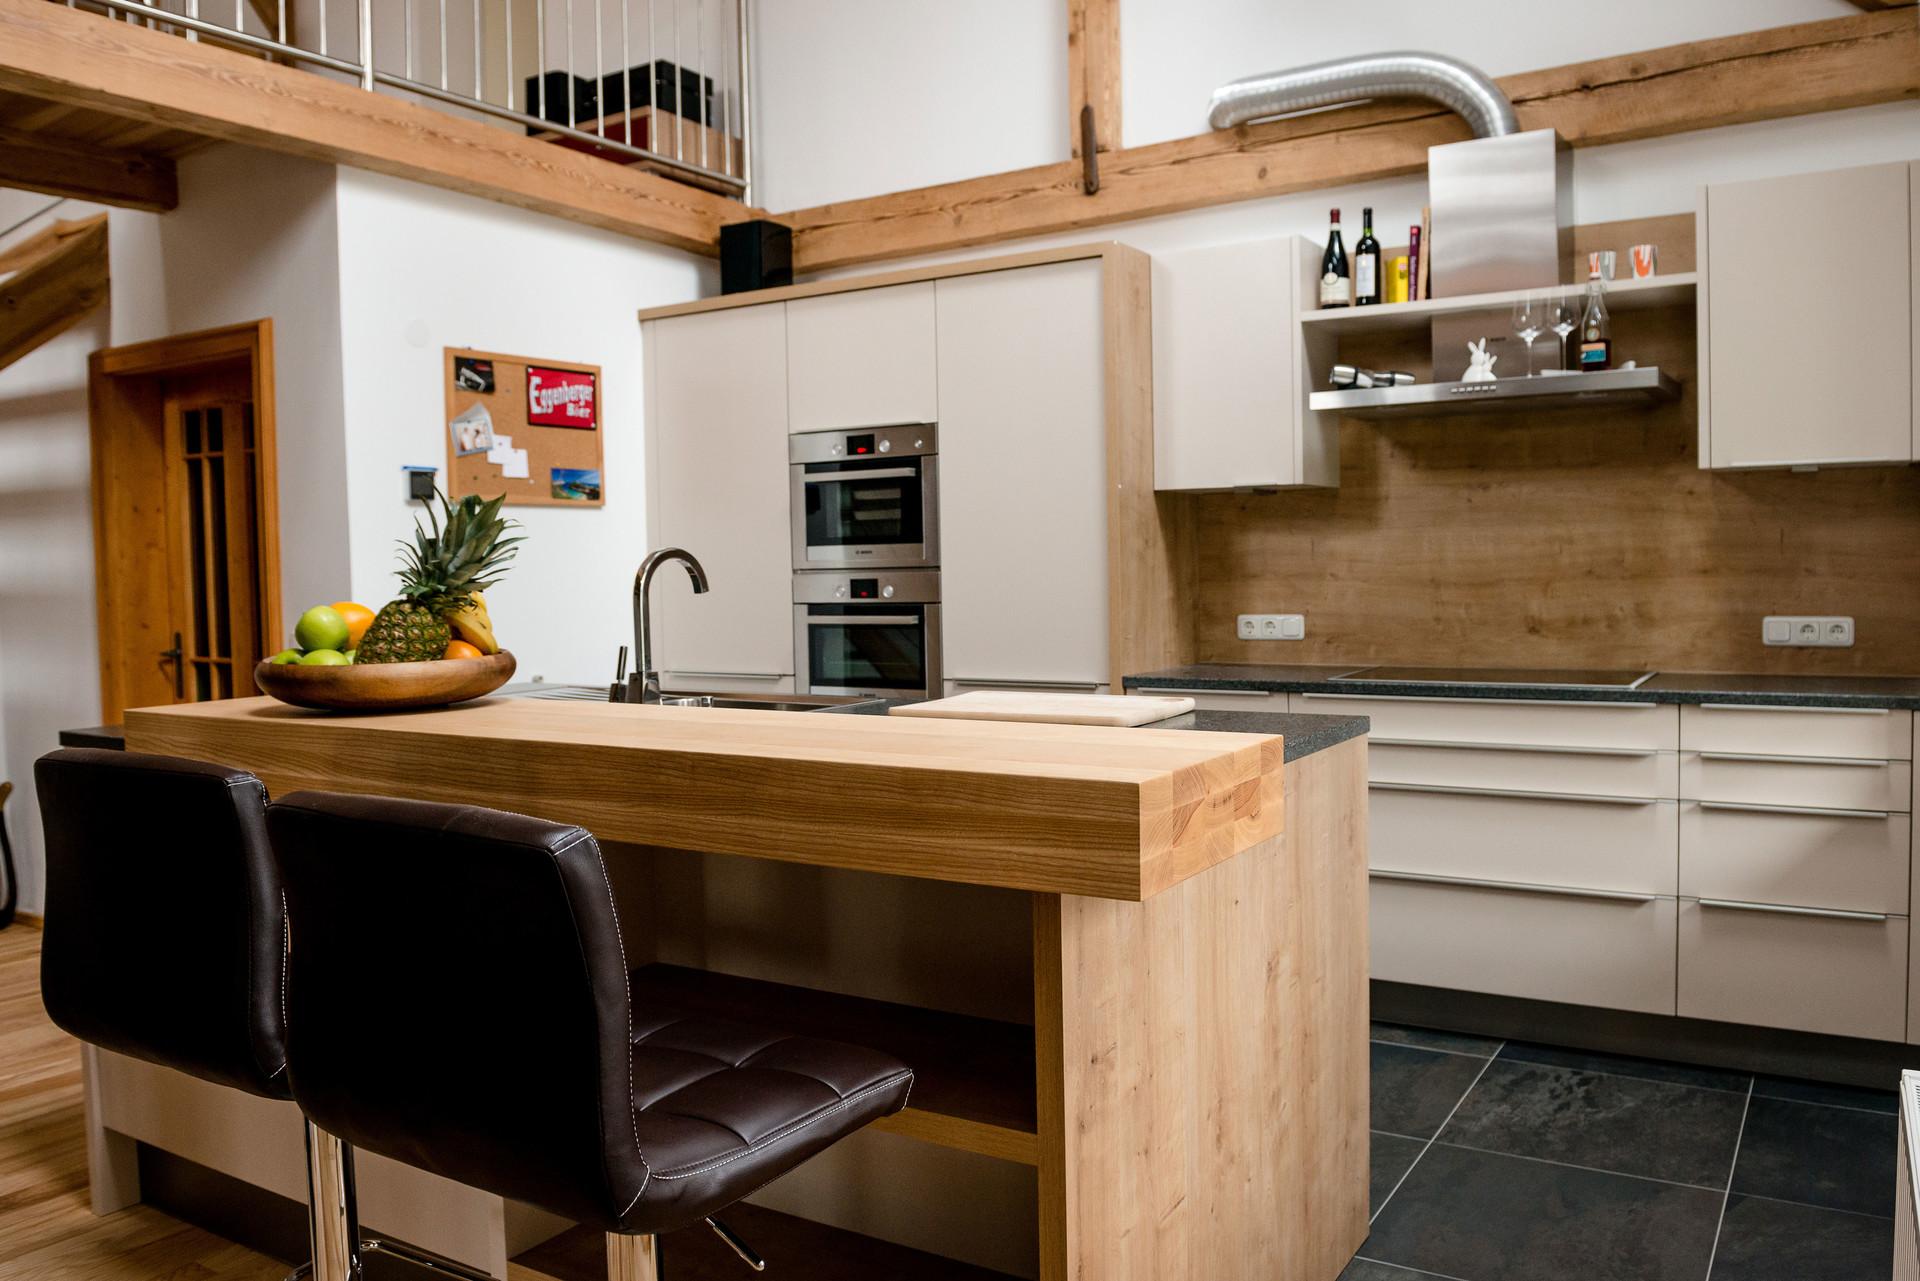 referenz ewe k che k chenbeispiel wohnstudio n bauer. Black Bedroom Furniture Sets. Home Design Ideas